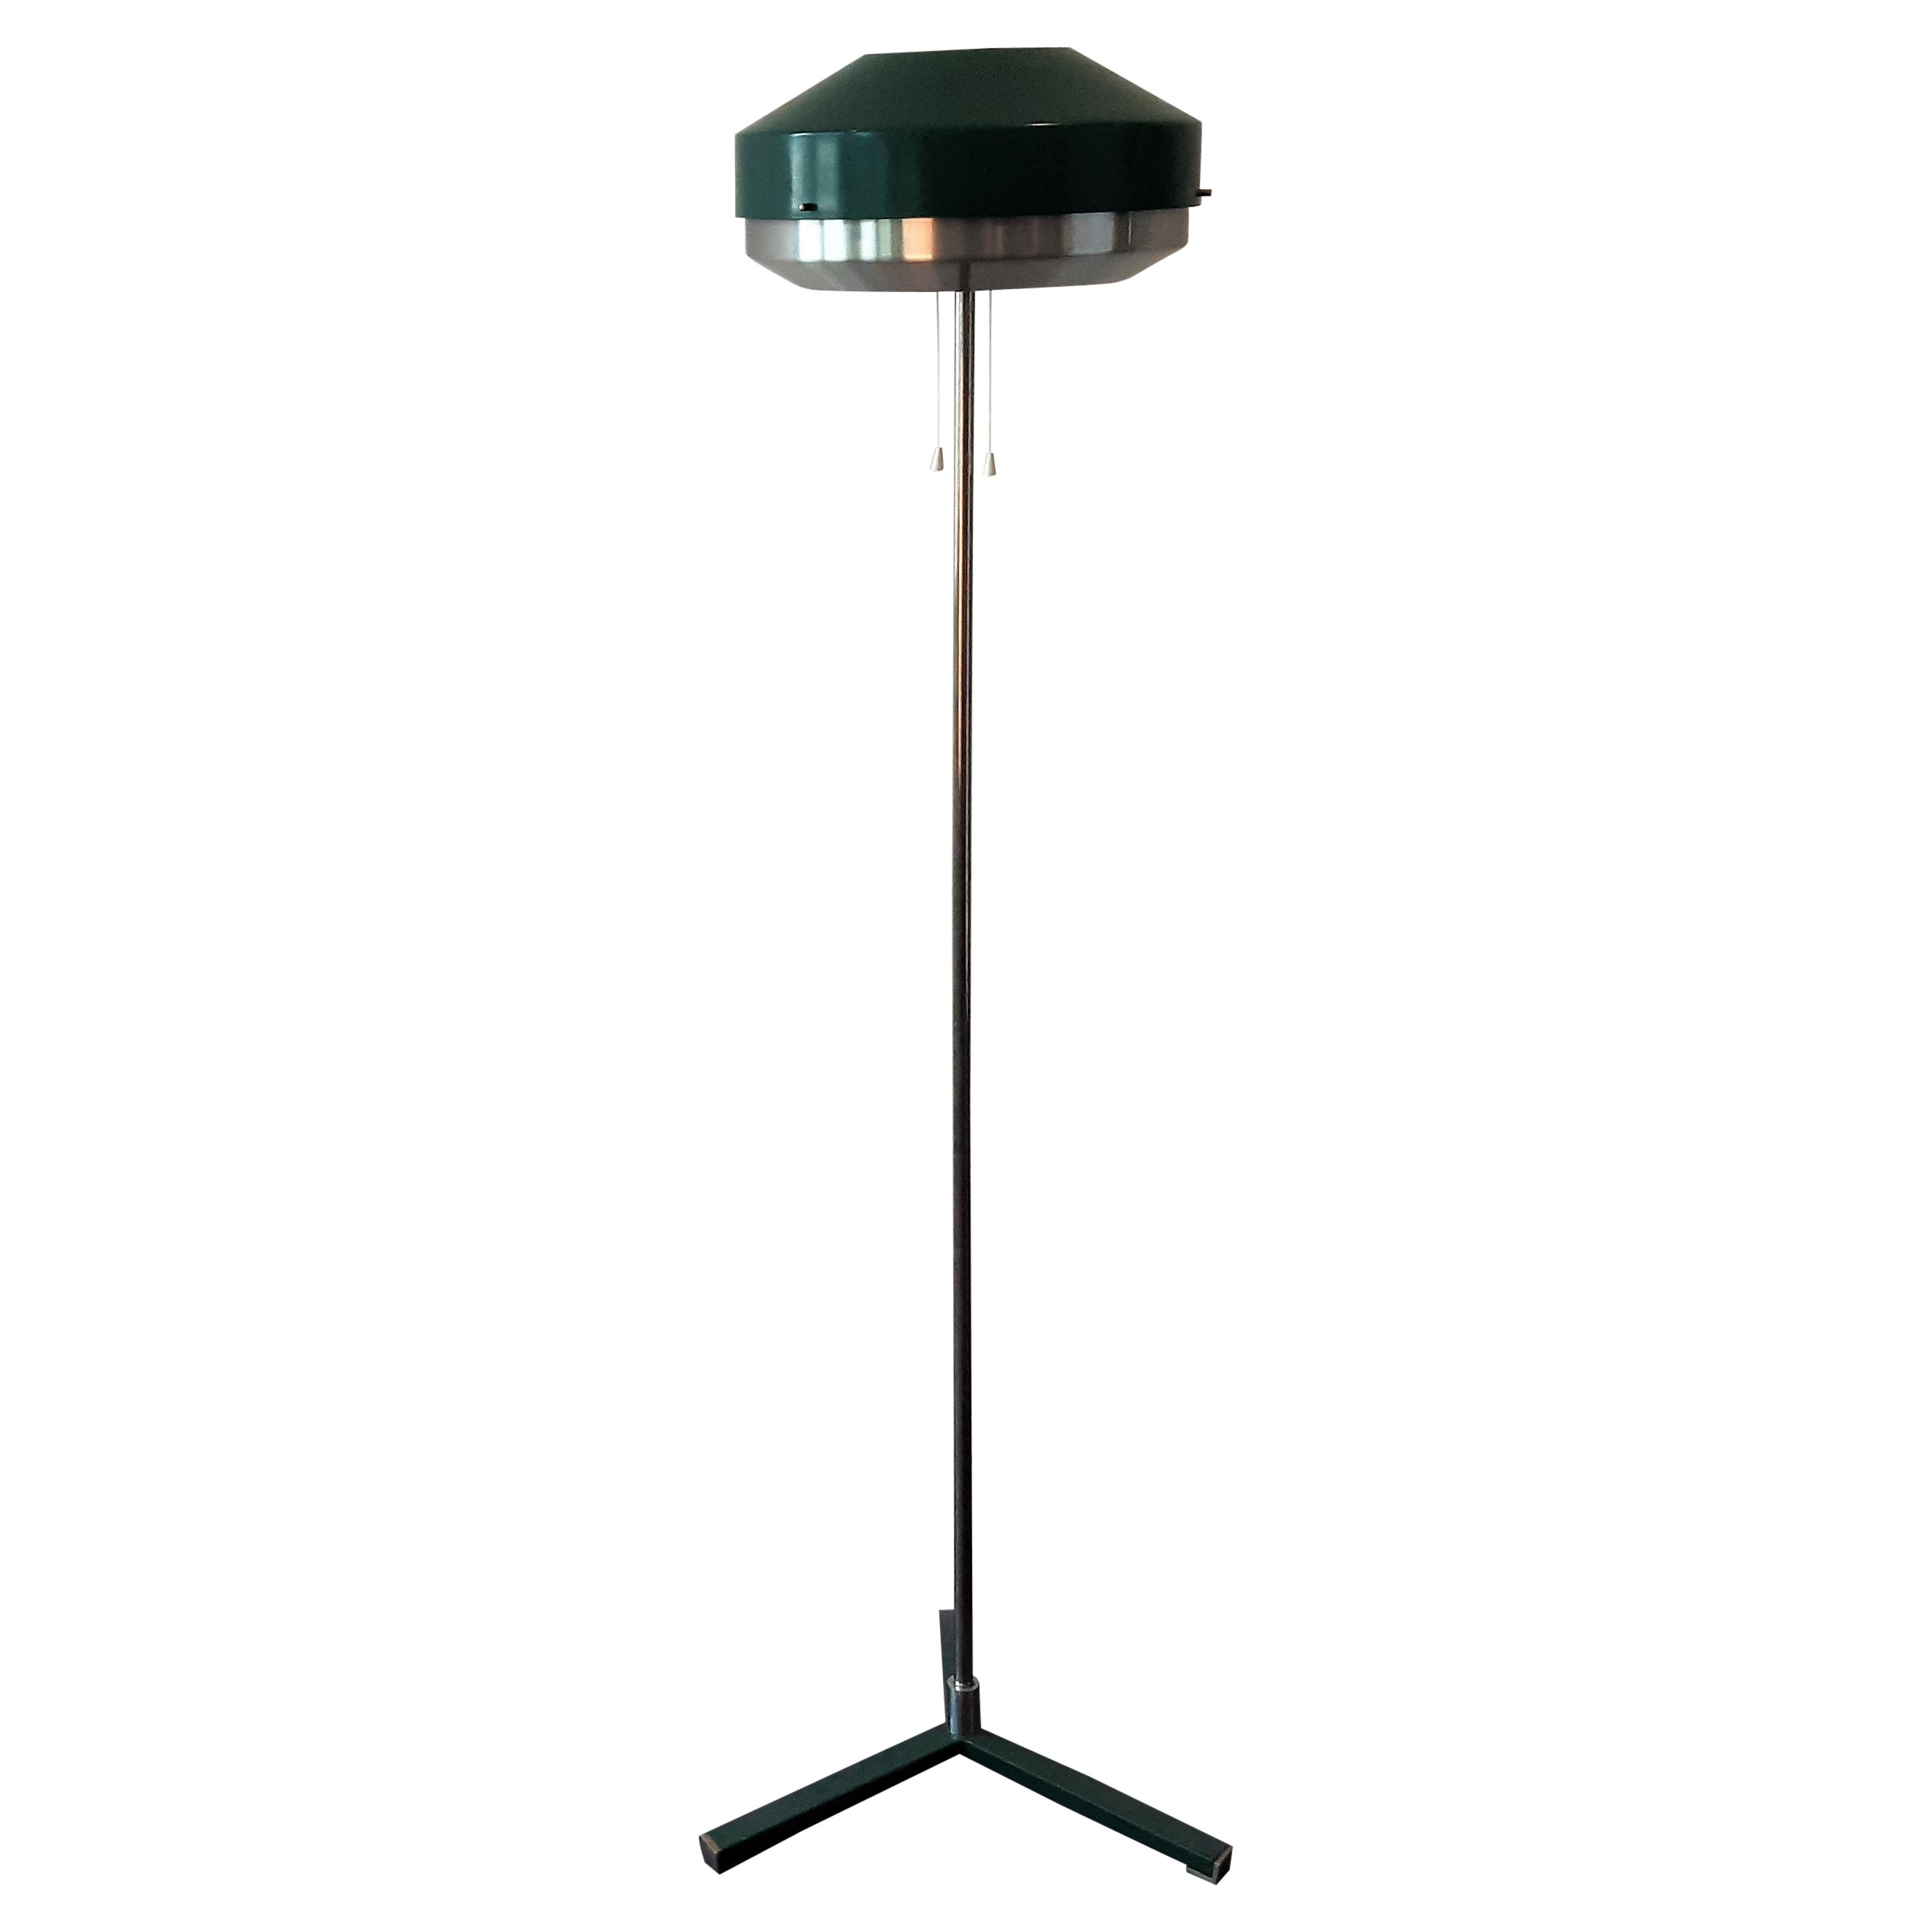 Green Metal Floor Lamp by Willem Hagoort for Hagoort Lamps, the Netherlands 1960